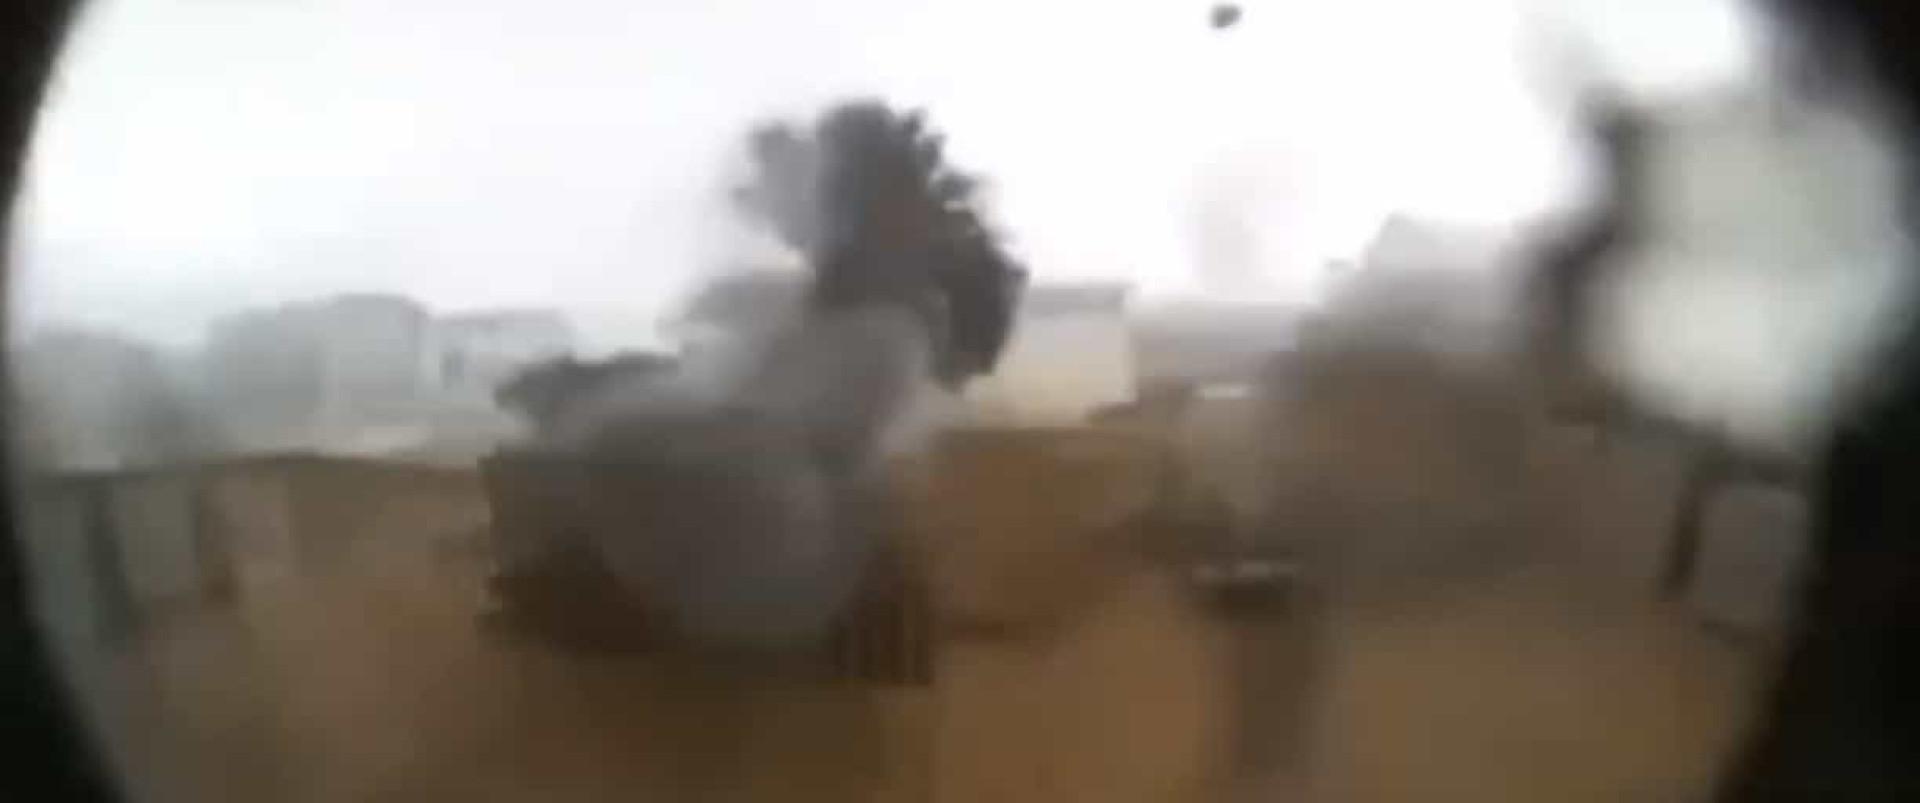 Tornado gerado pelo Dorian destruiu casa. Moradores viram imagens depois